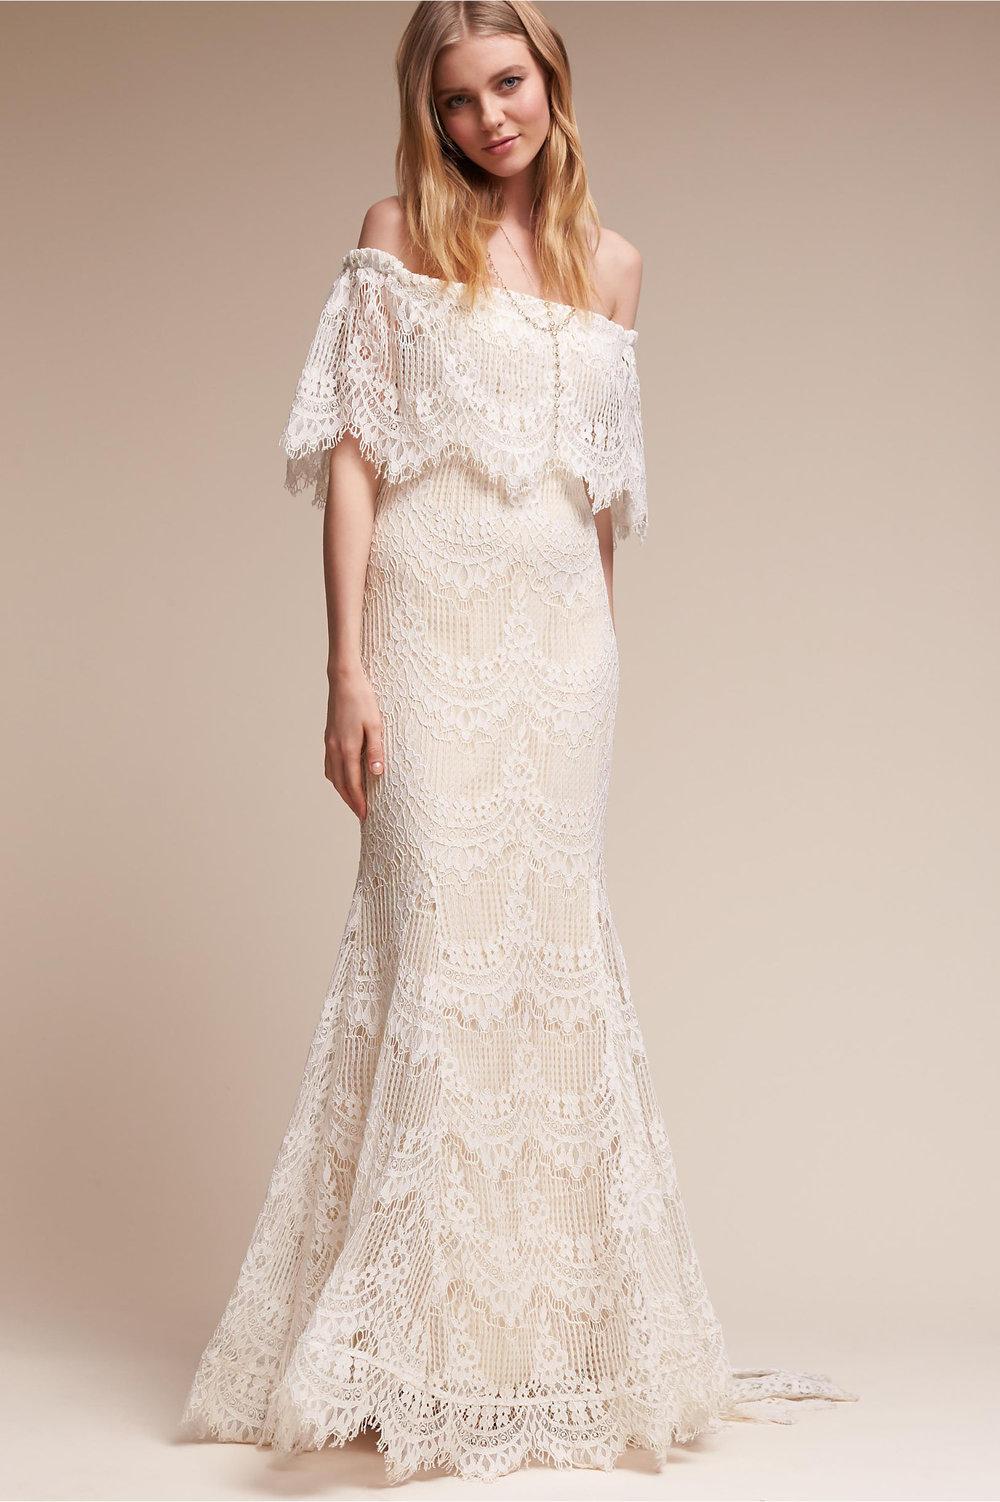 Joplin Gown $1500